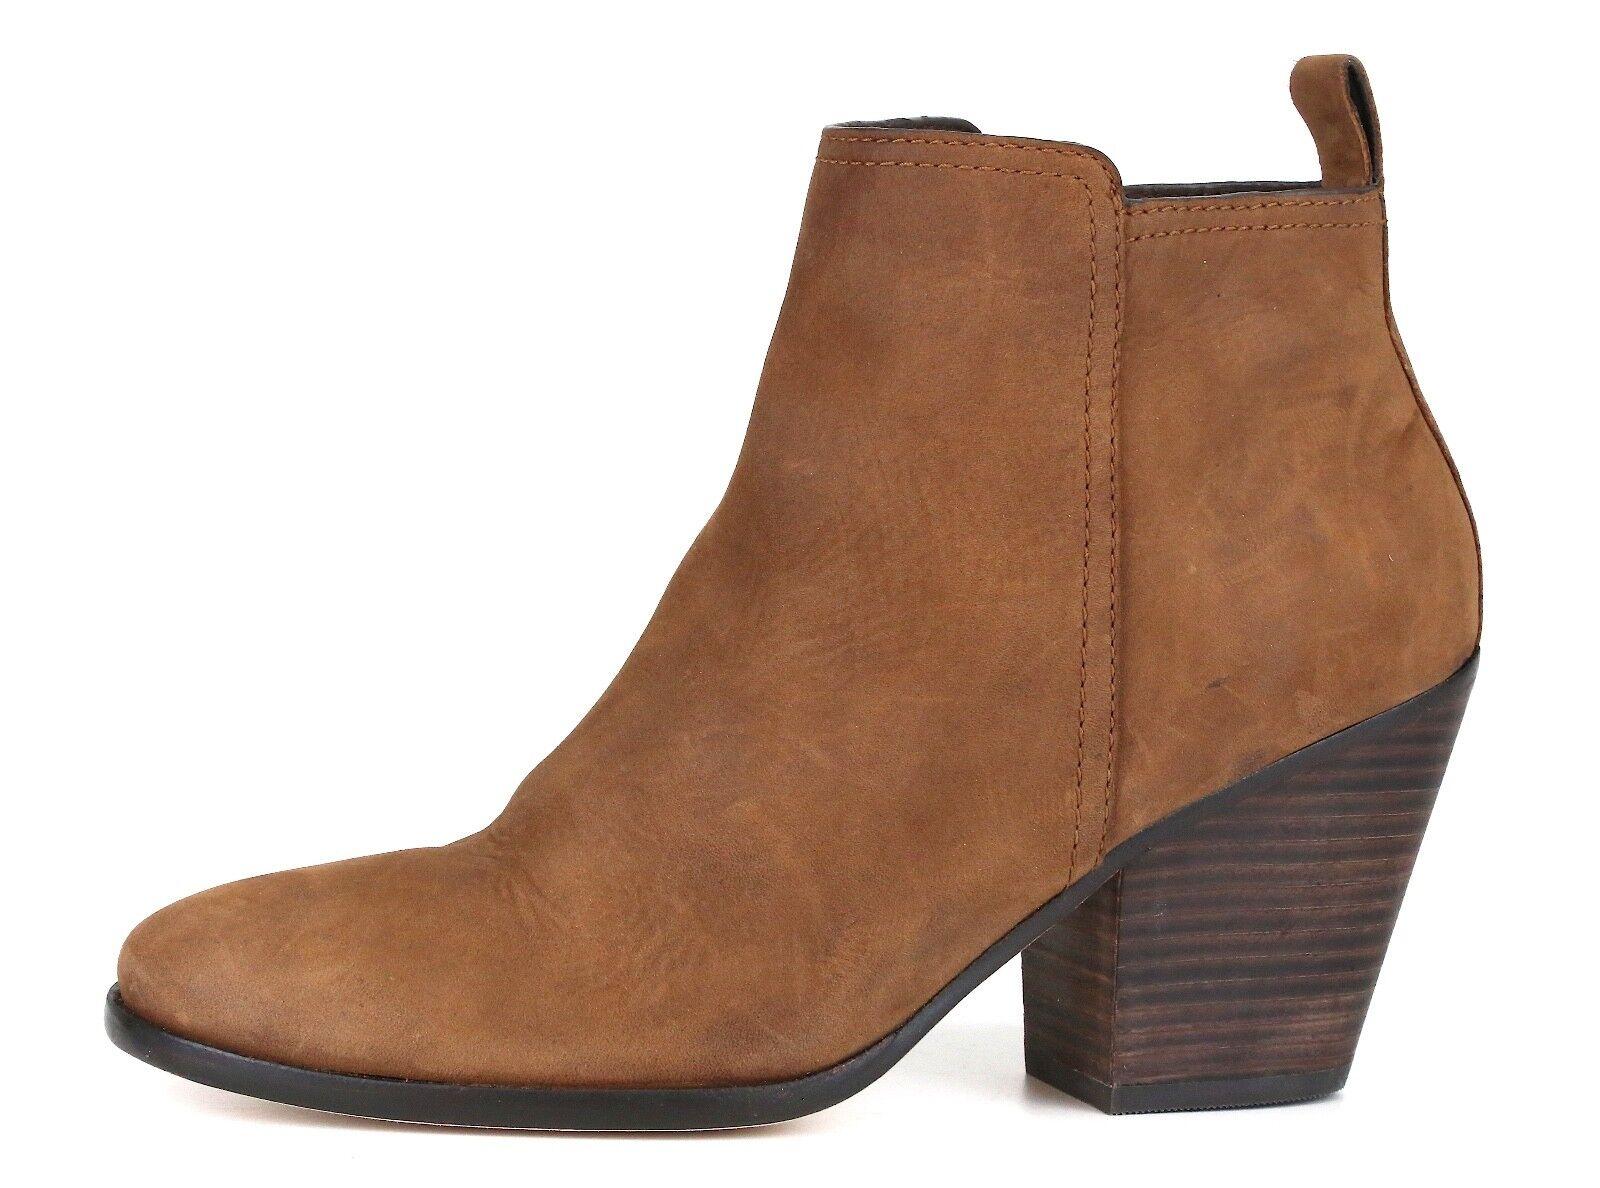 molte concessioni Cole Haan Haan Haan Chesney Leather avvioie Cognac donna Sz 8.5 B 6776   prendiamo i clienti come nostro dio